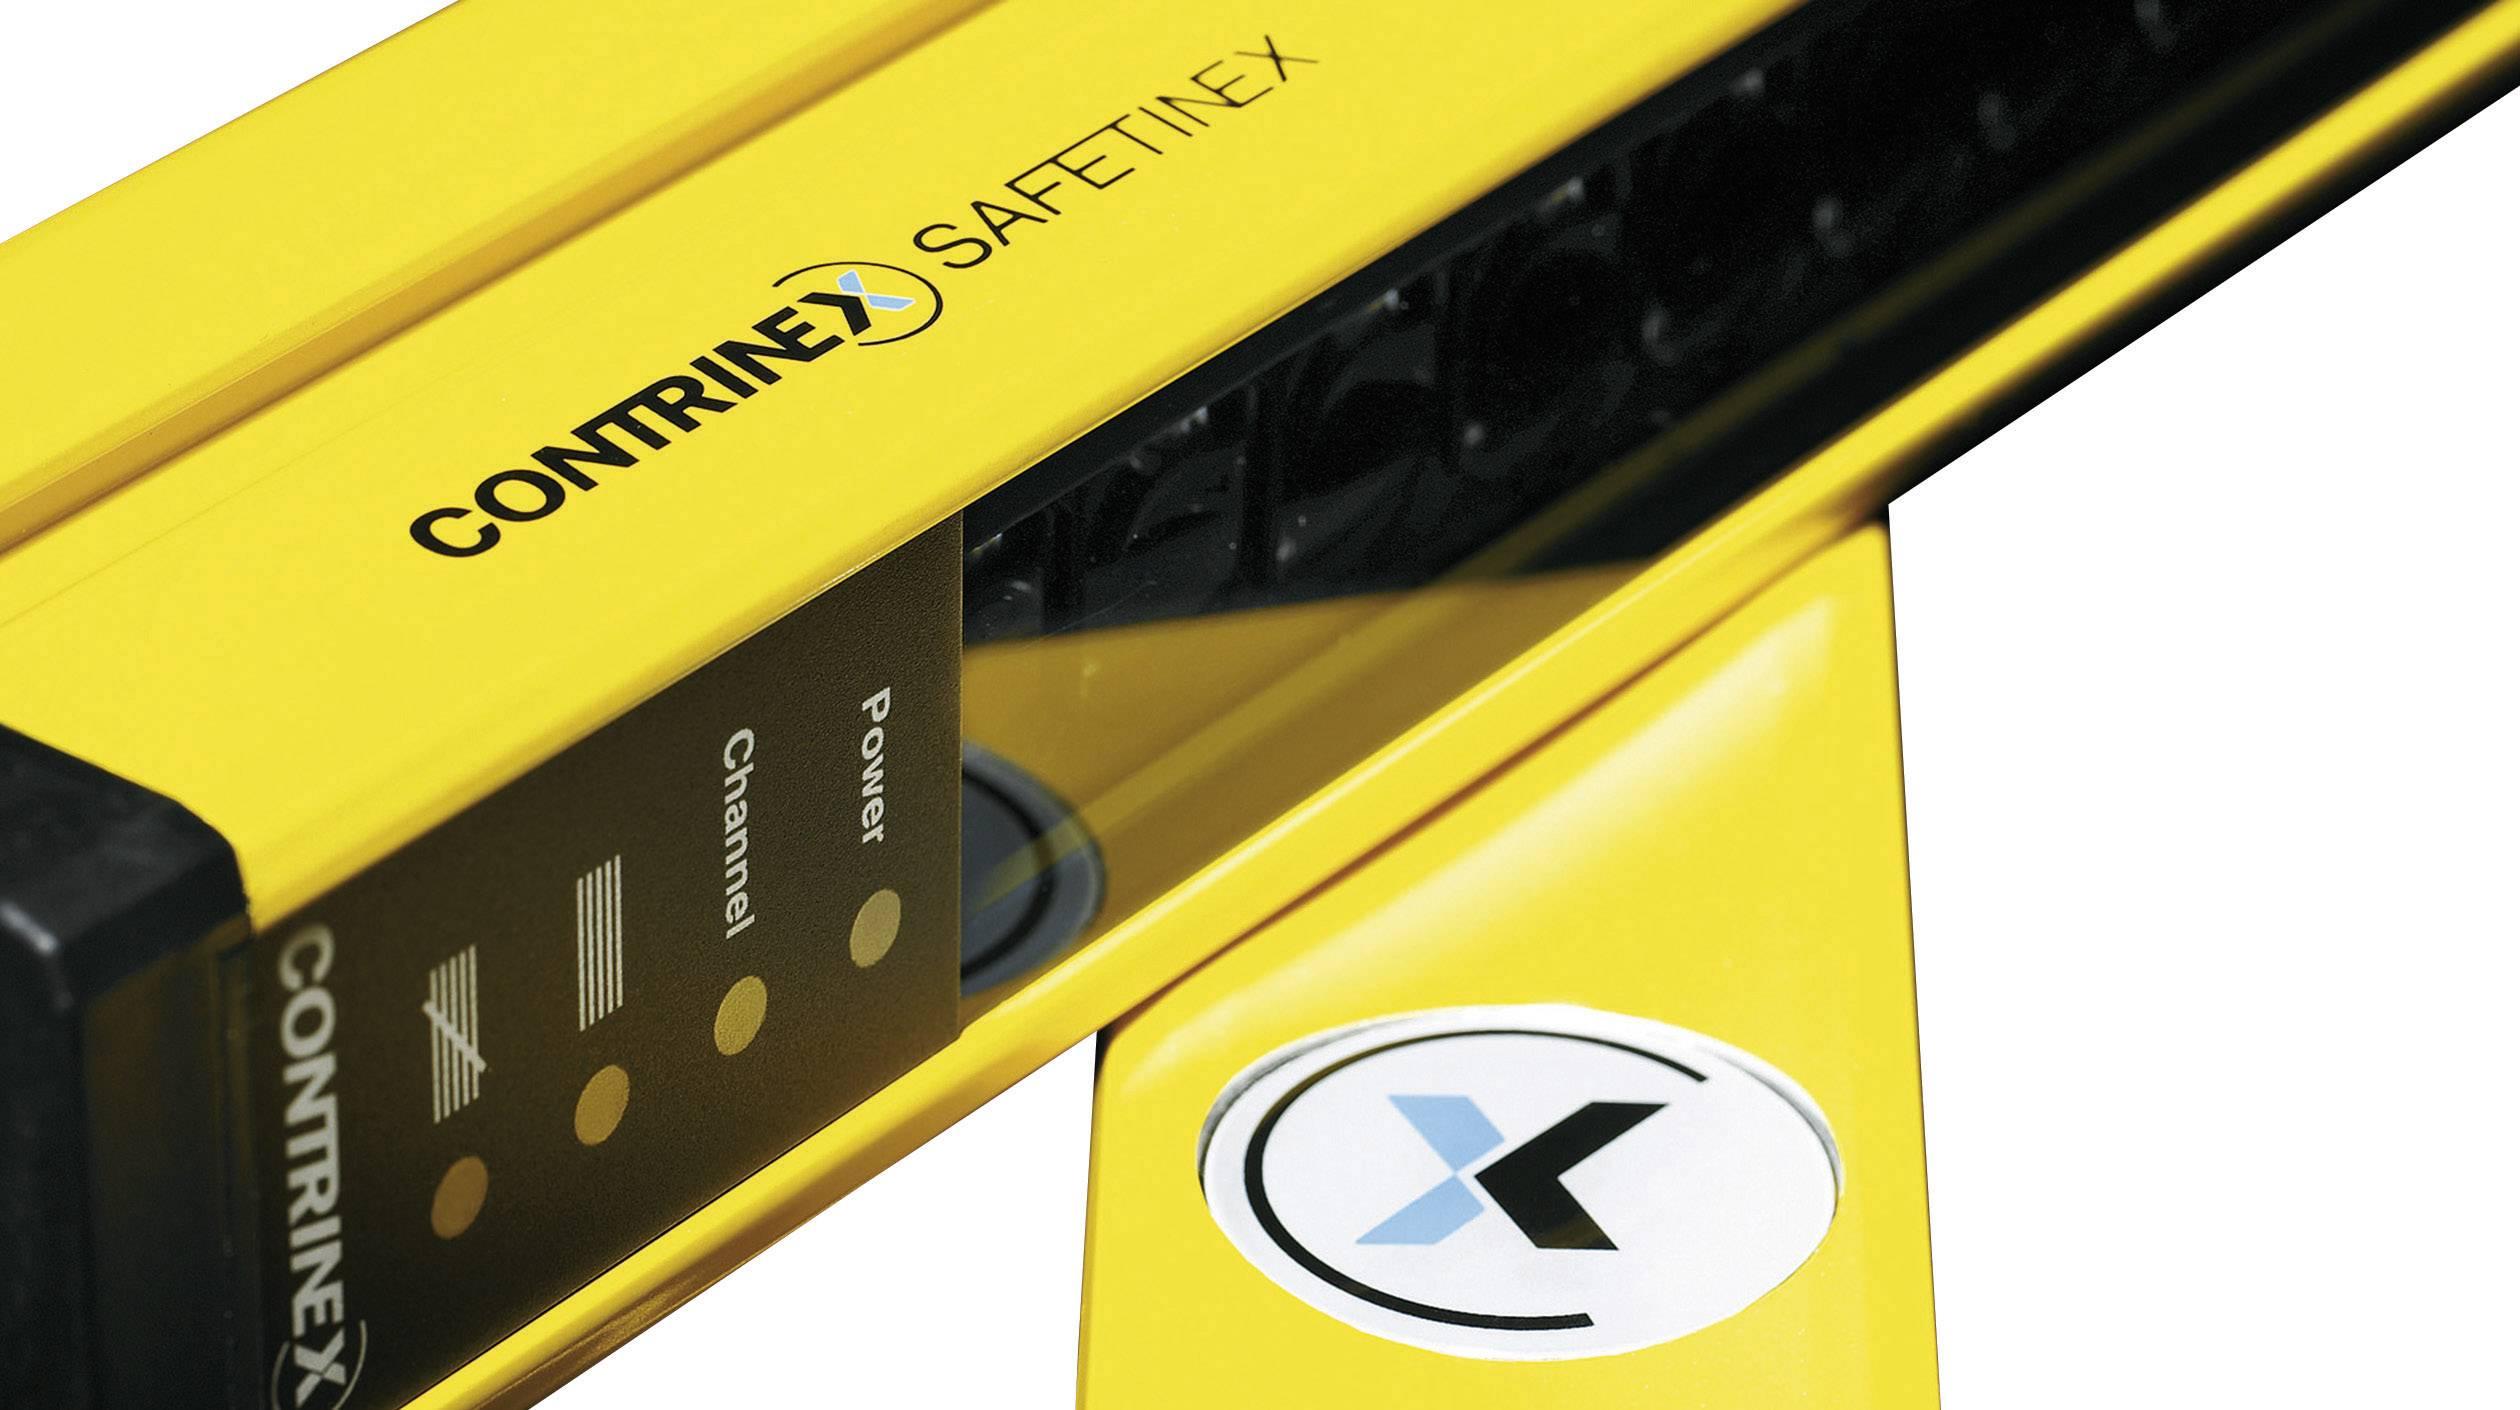 Contrinex YBB-30S4-1700-G012 630 000 699